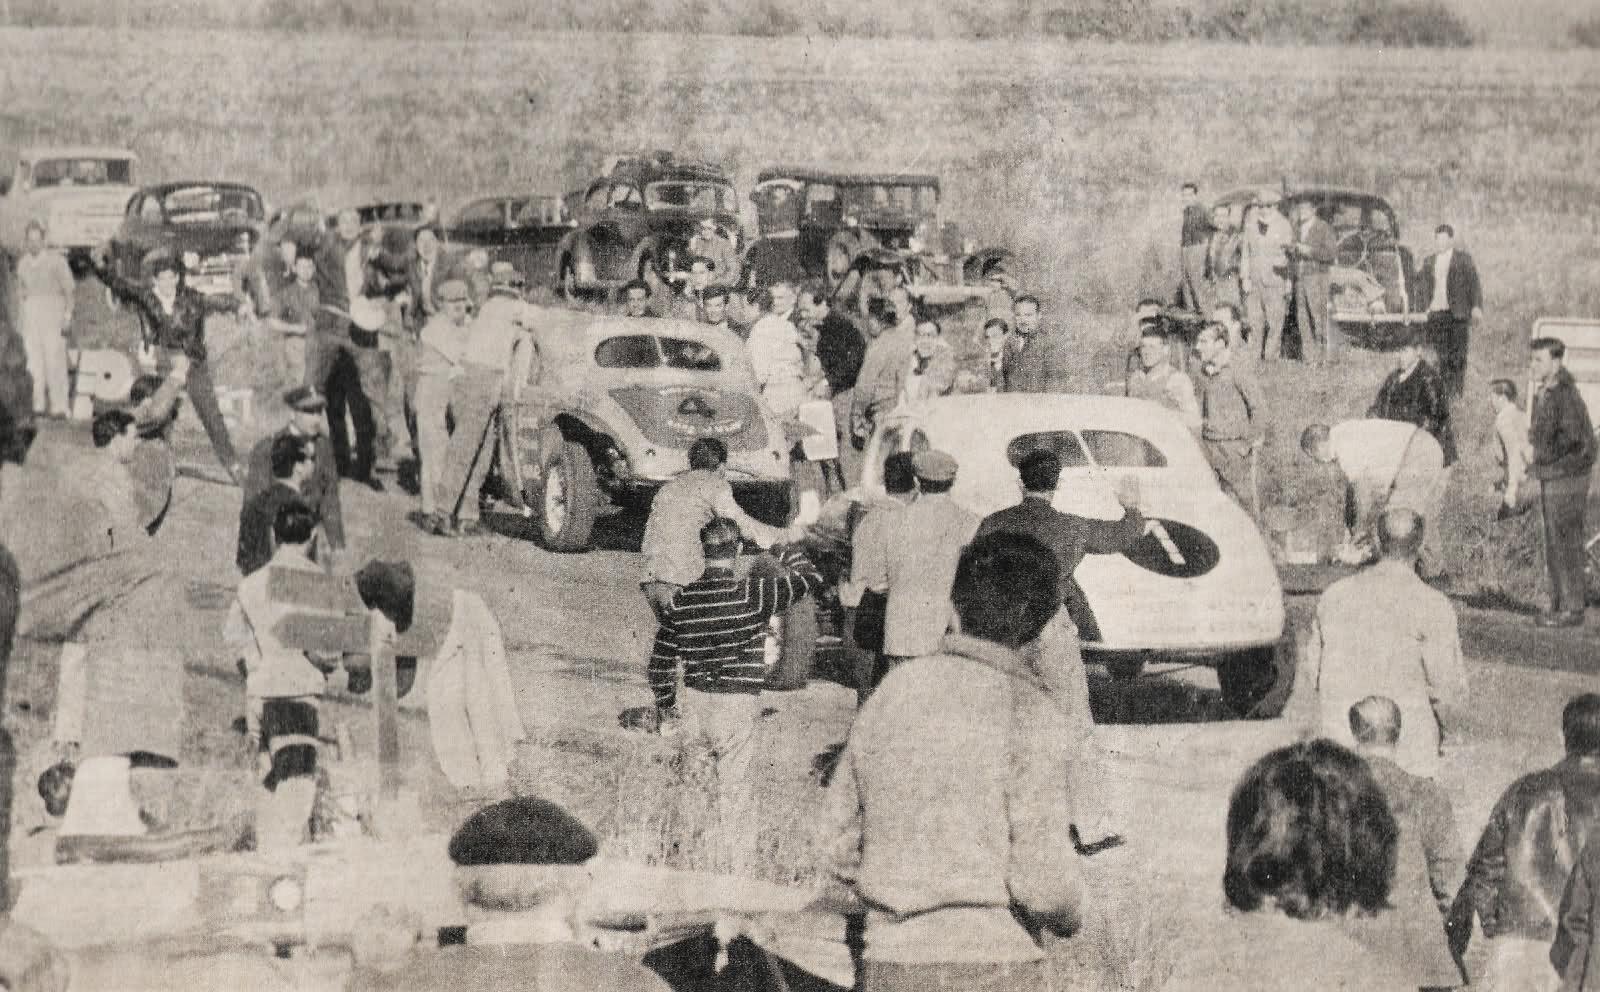 1º Edición Pagos del Tuyu de autos Clásicos